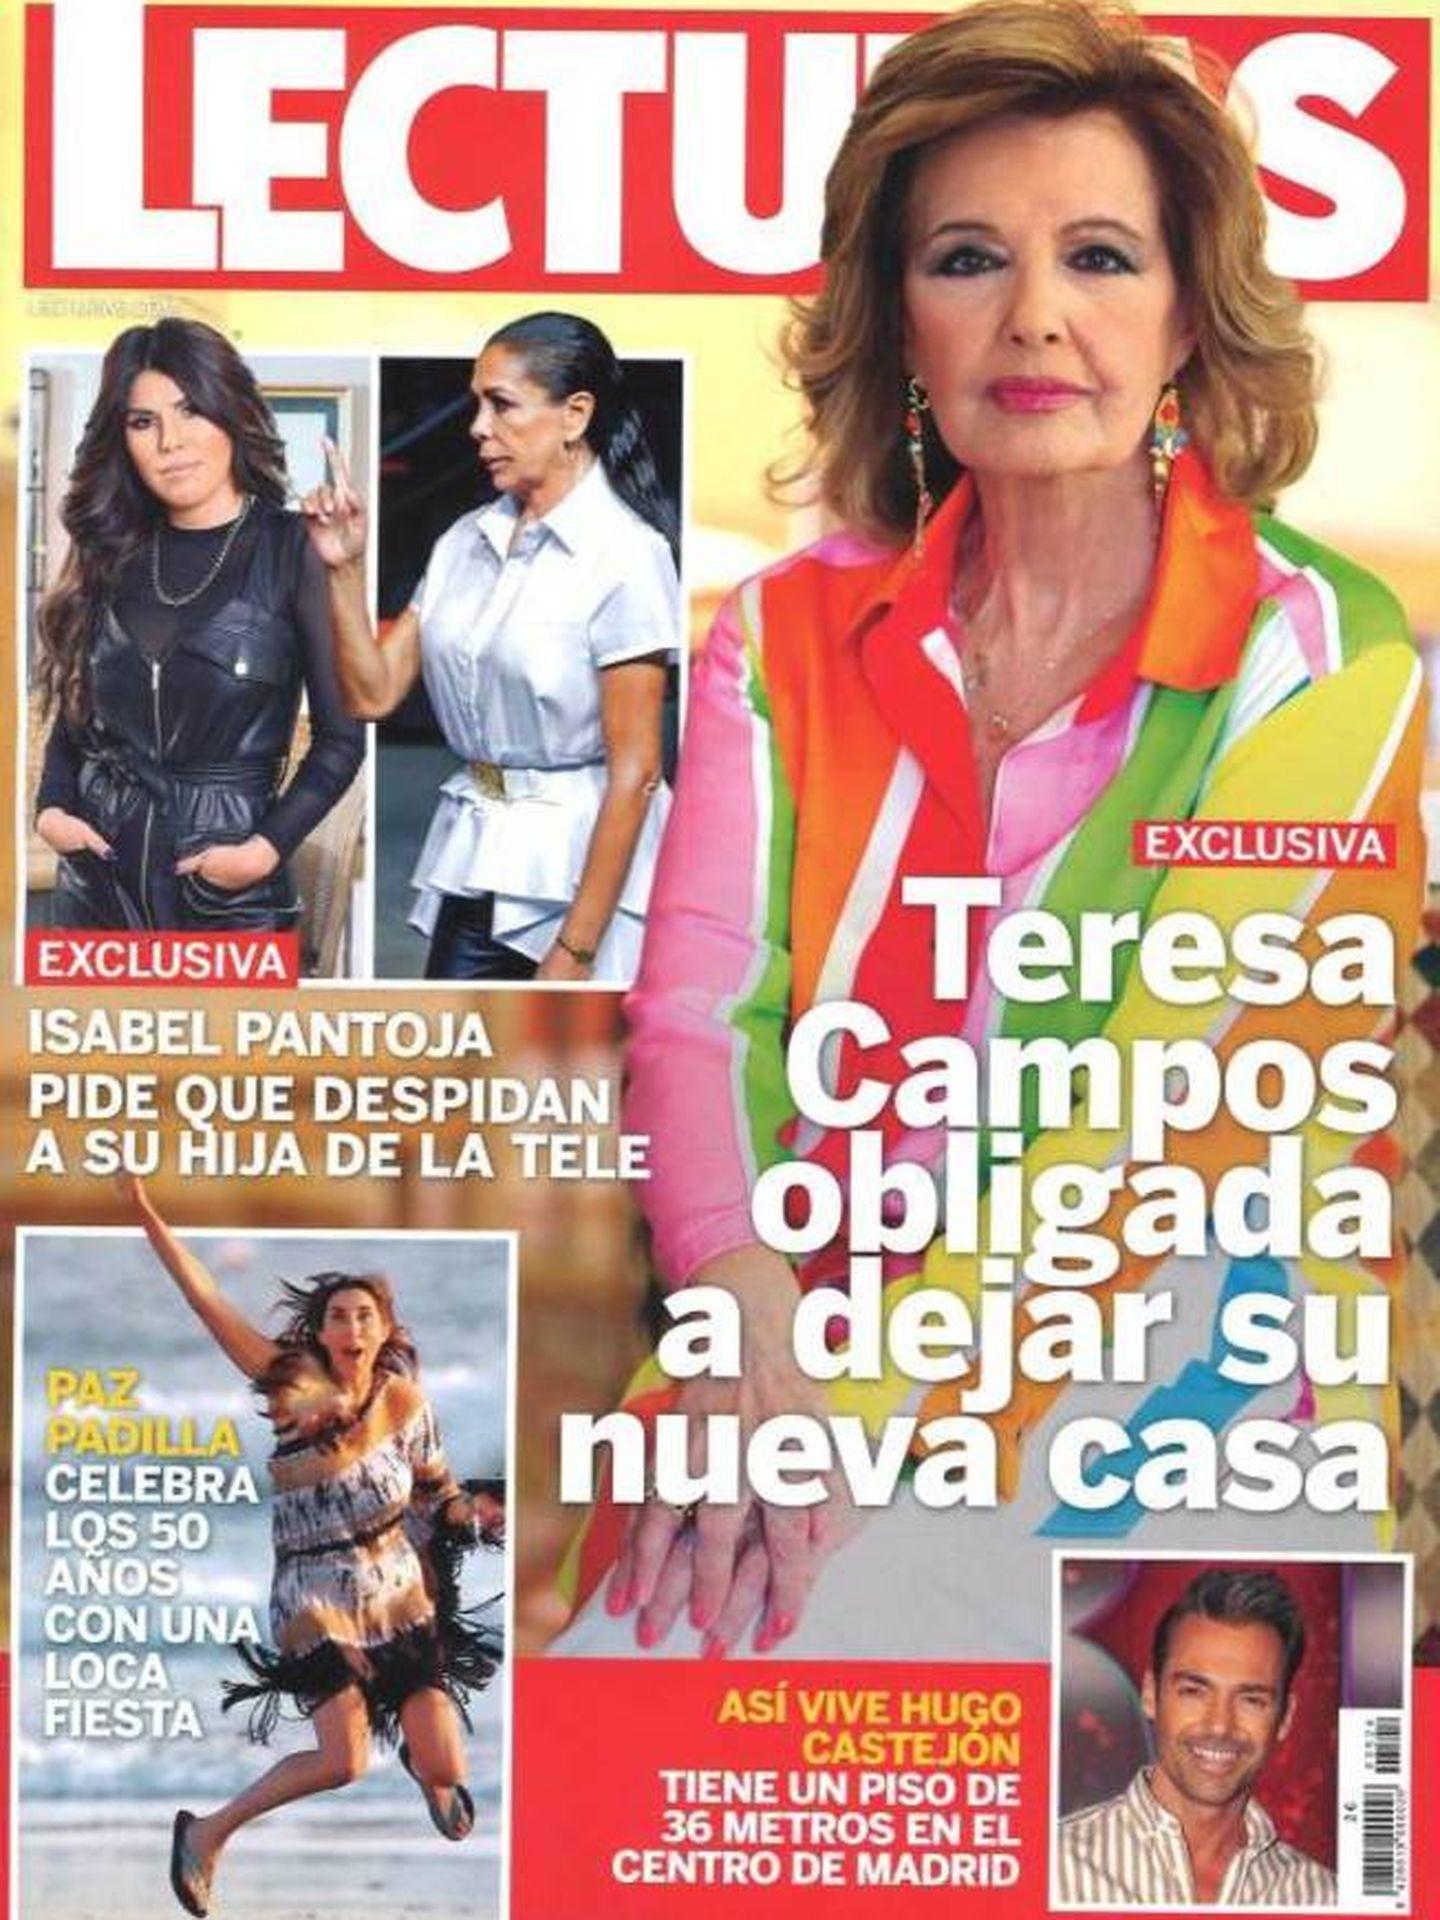 La Campos, en portada. (Lecturas)